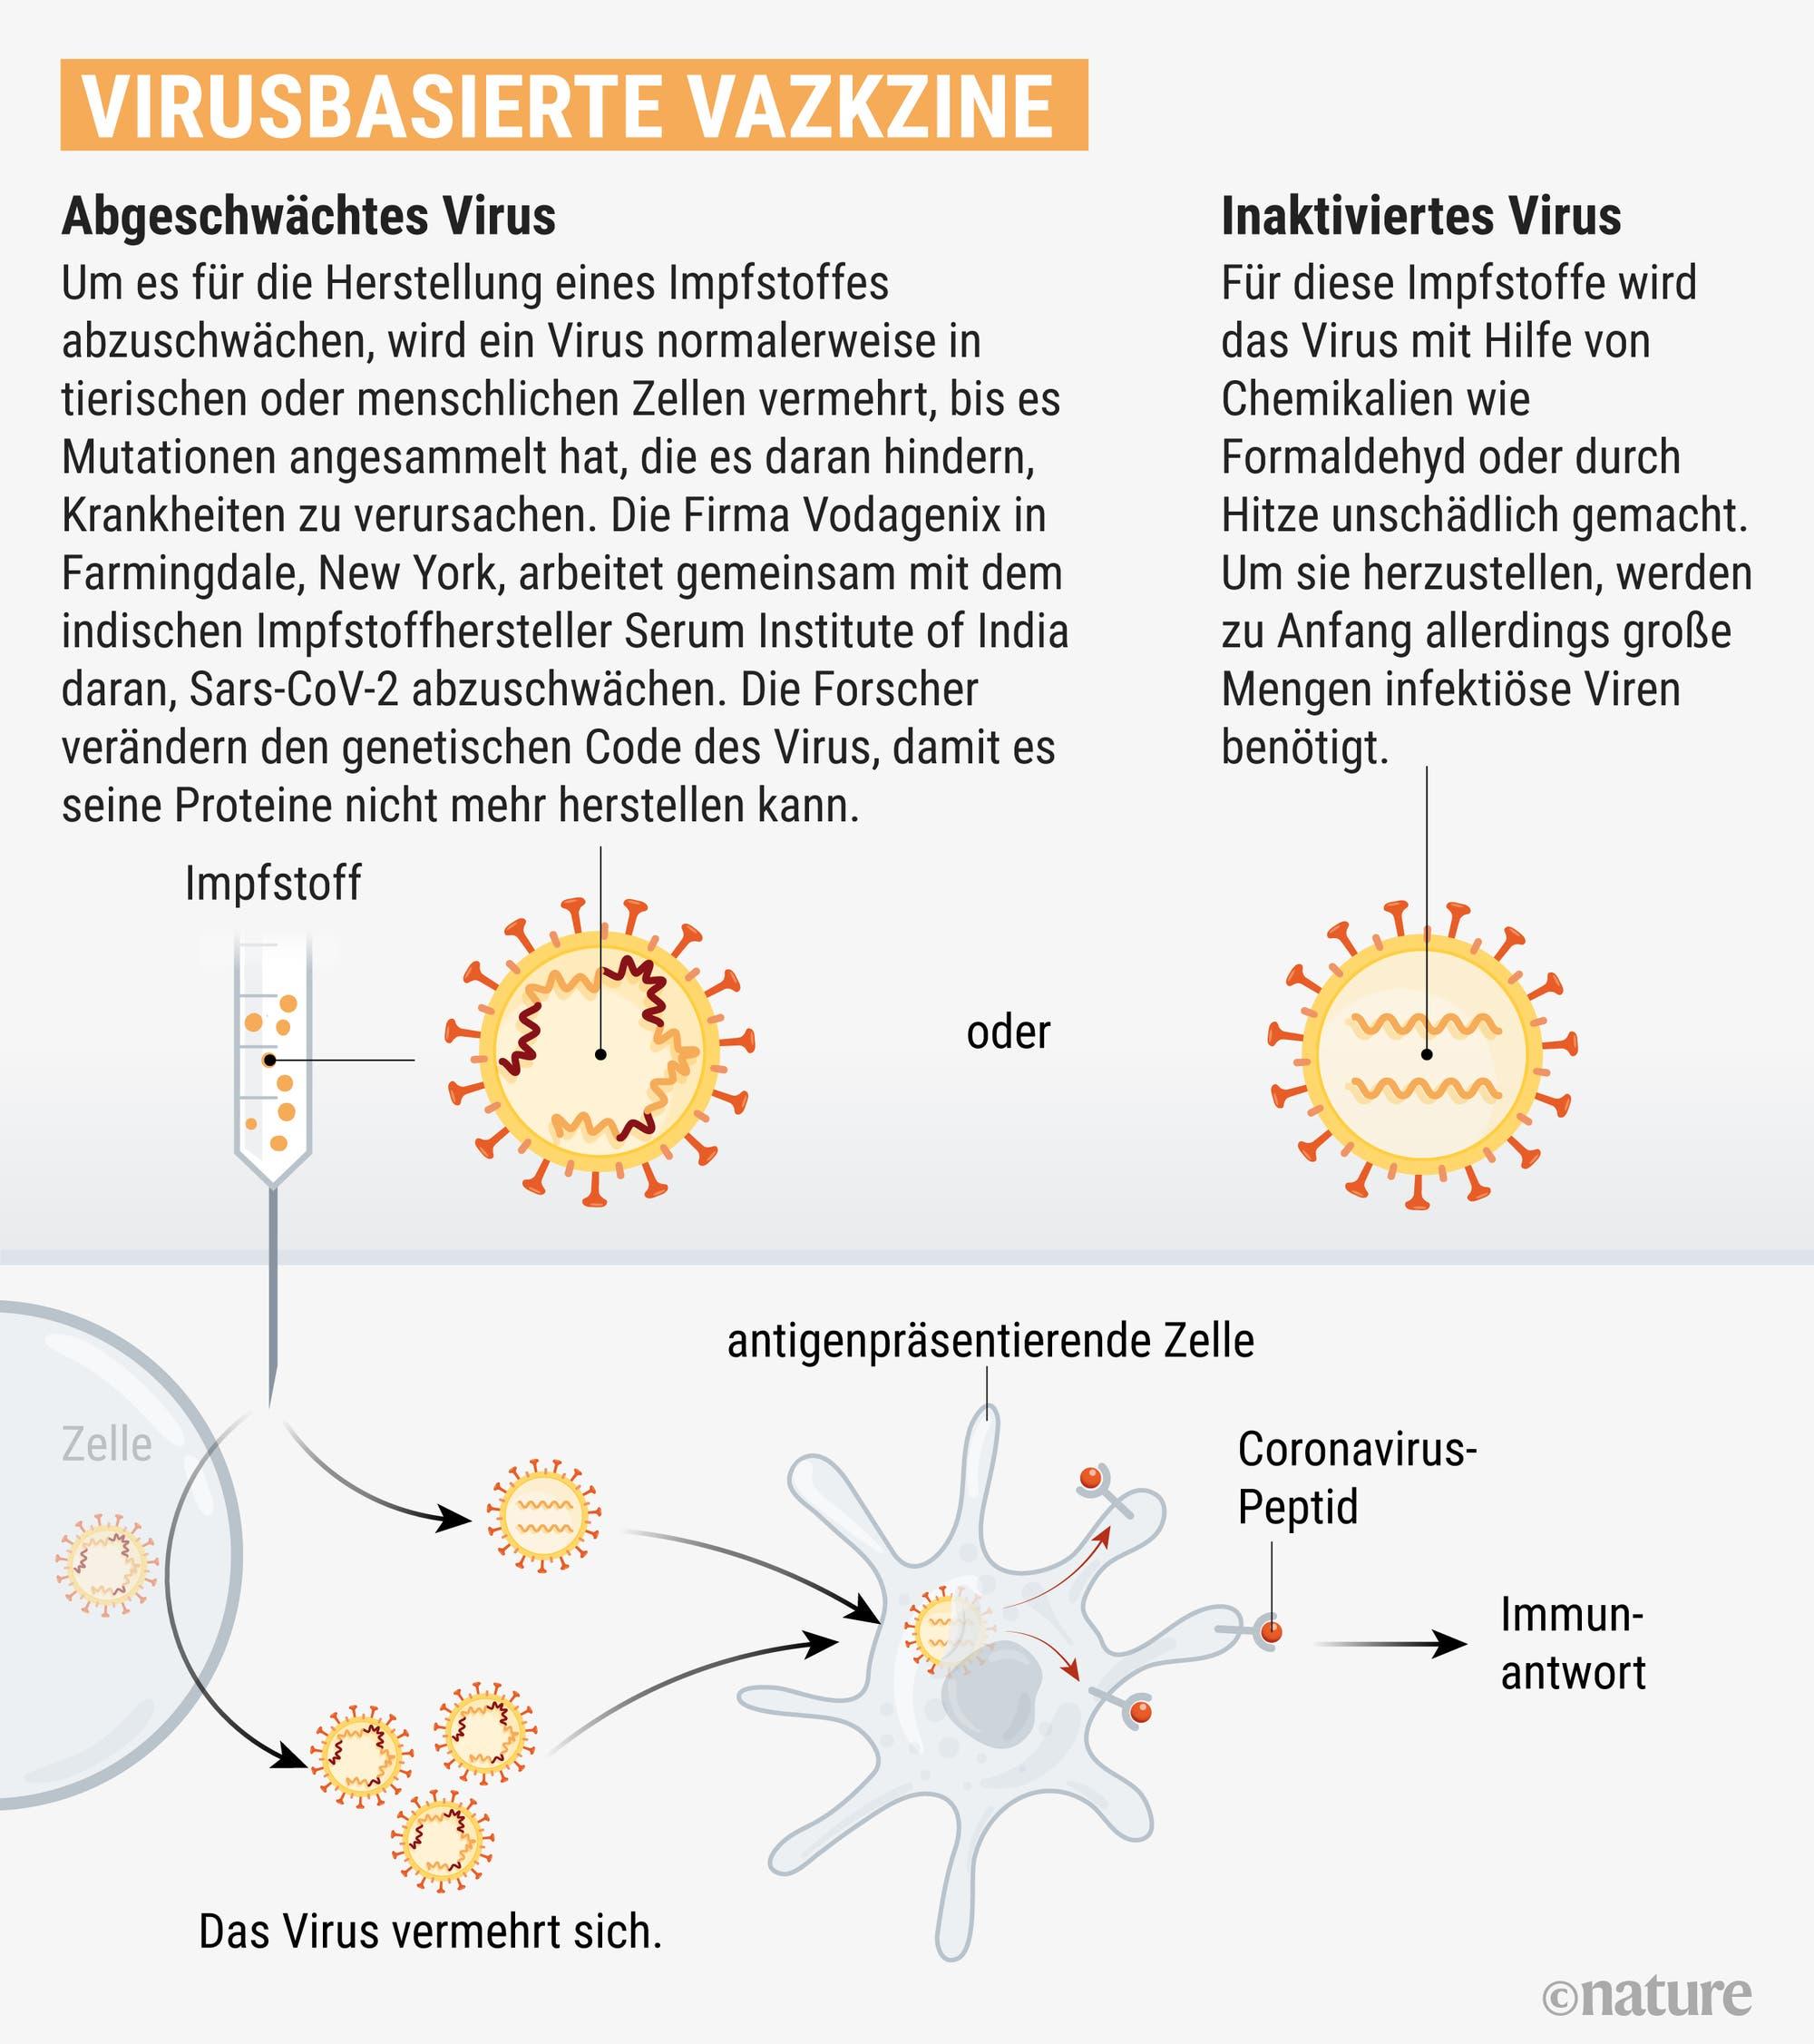 Aus inaktivierten oder abgeschwächten Viren kann man Impfstoffe herstellen